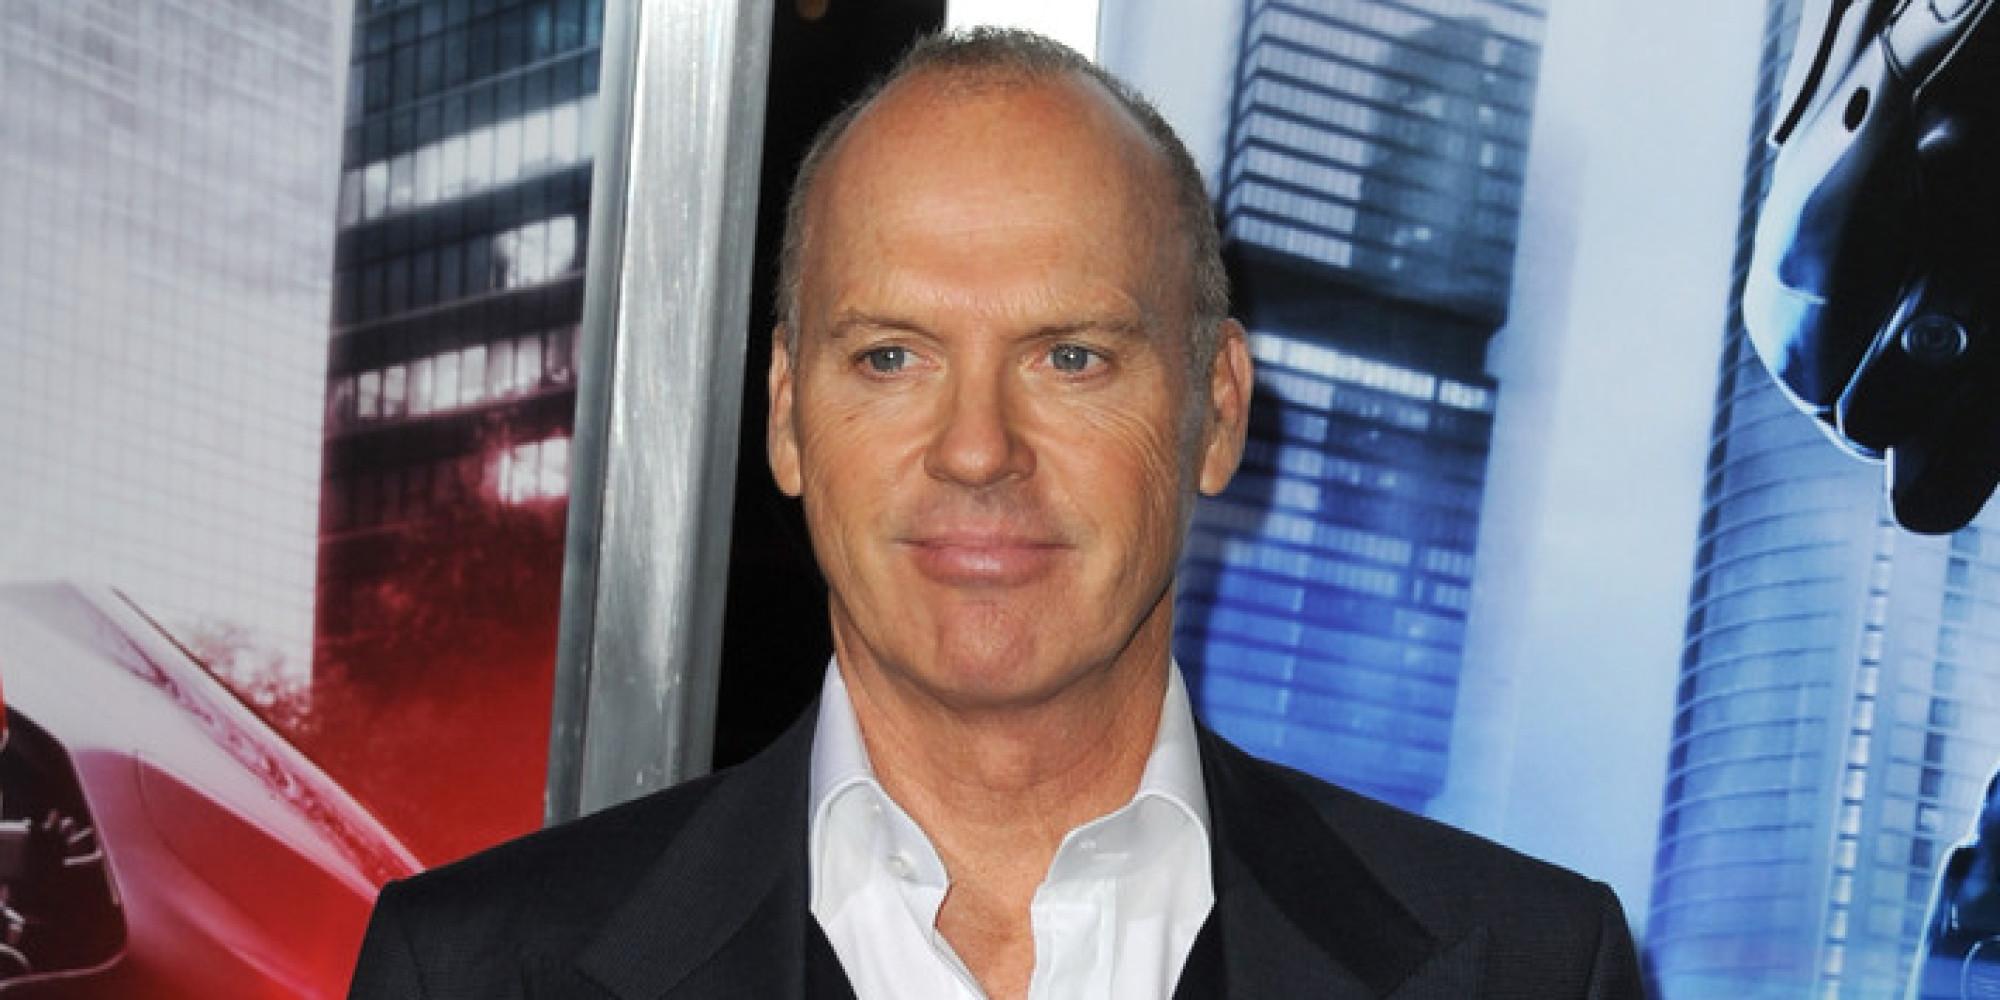 Watch Michael Keaton in 'Birdman' trailer